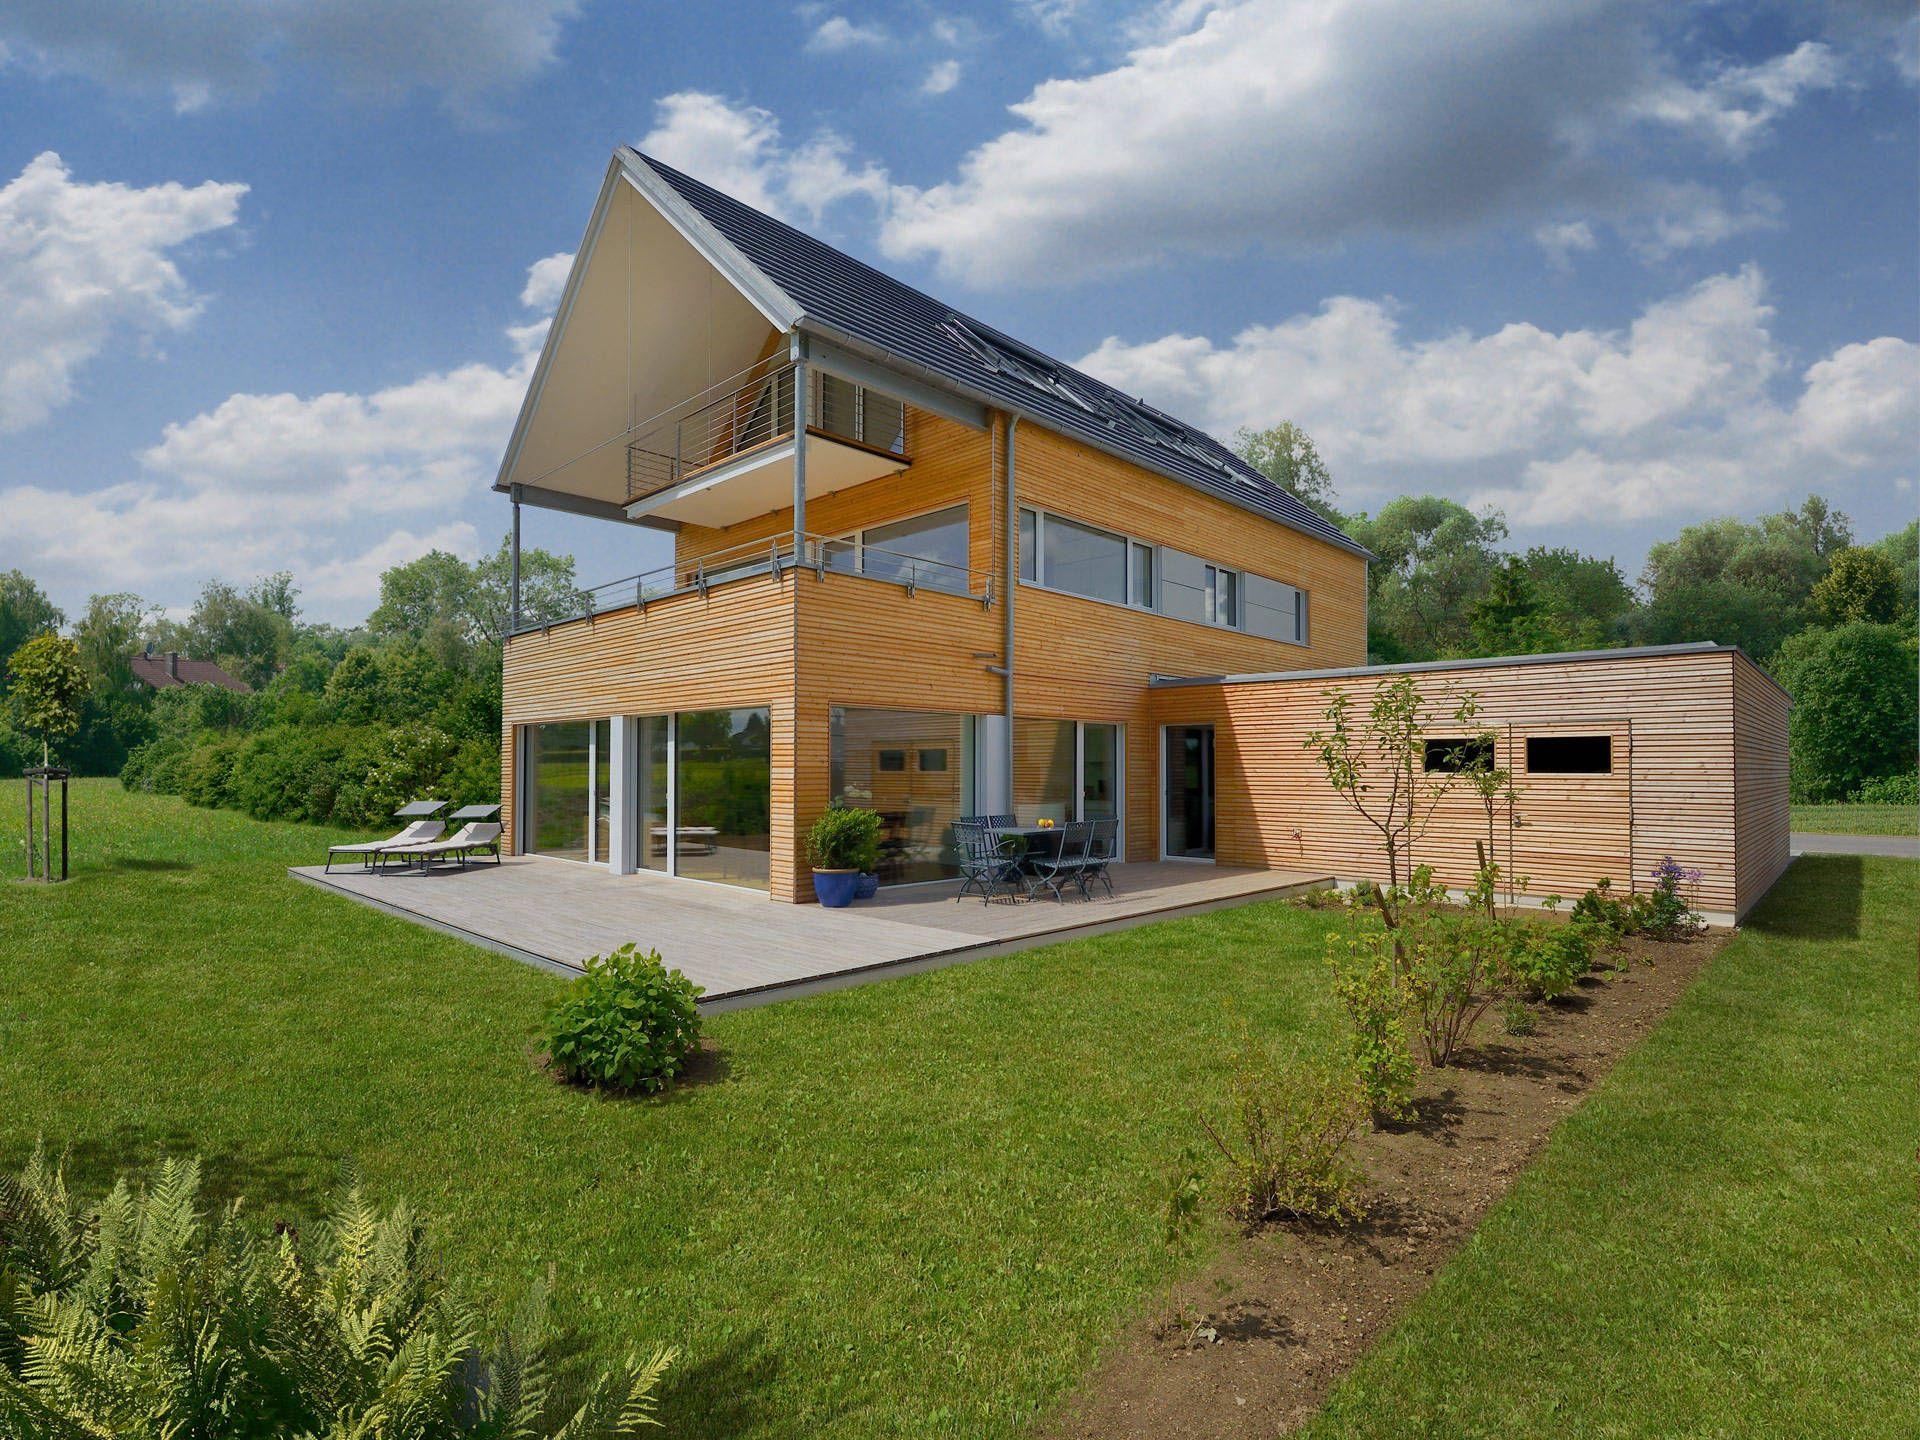 Baufritz Der Ökohaus Pionier Familien haus